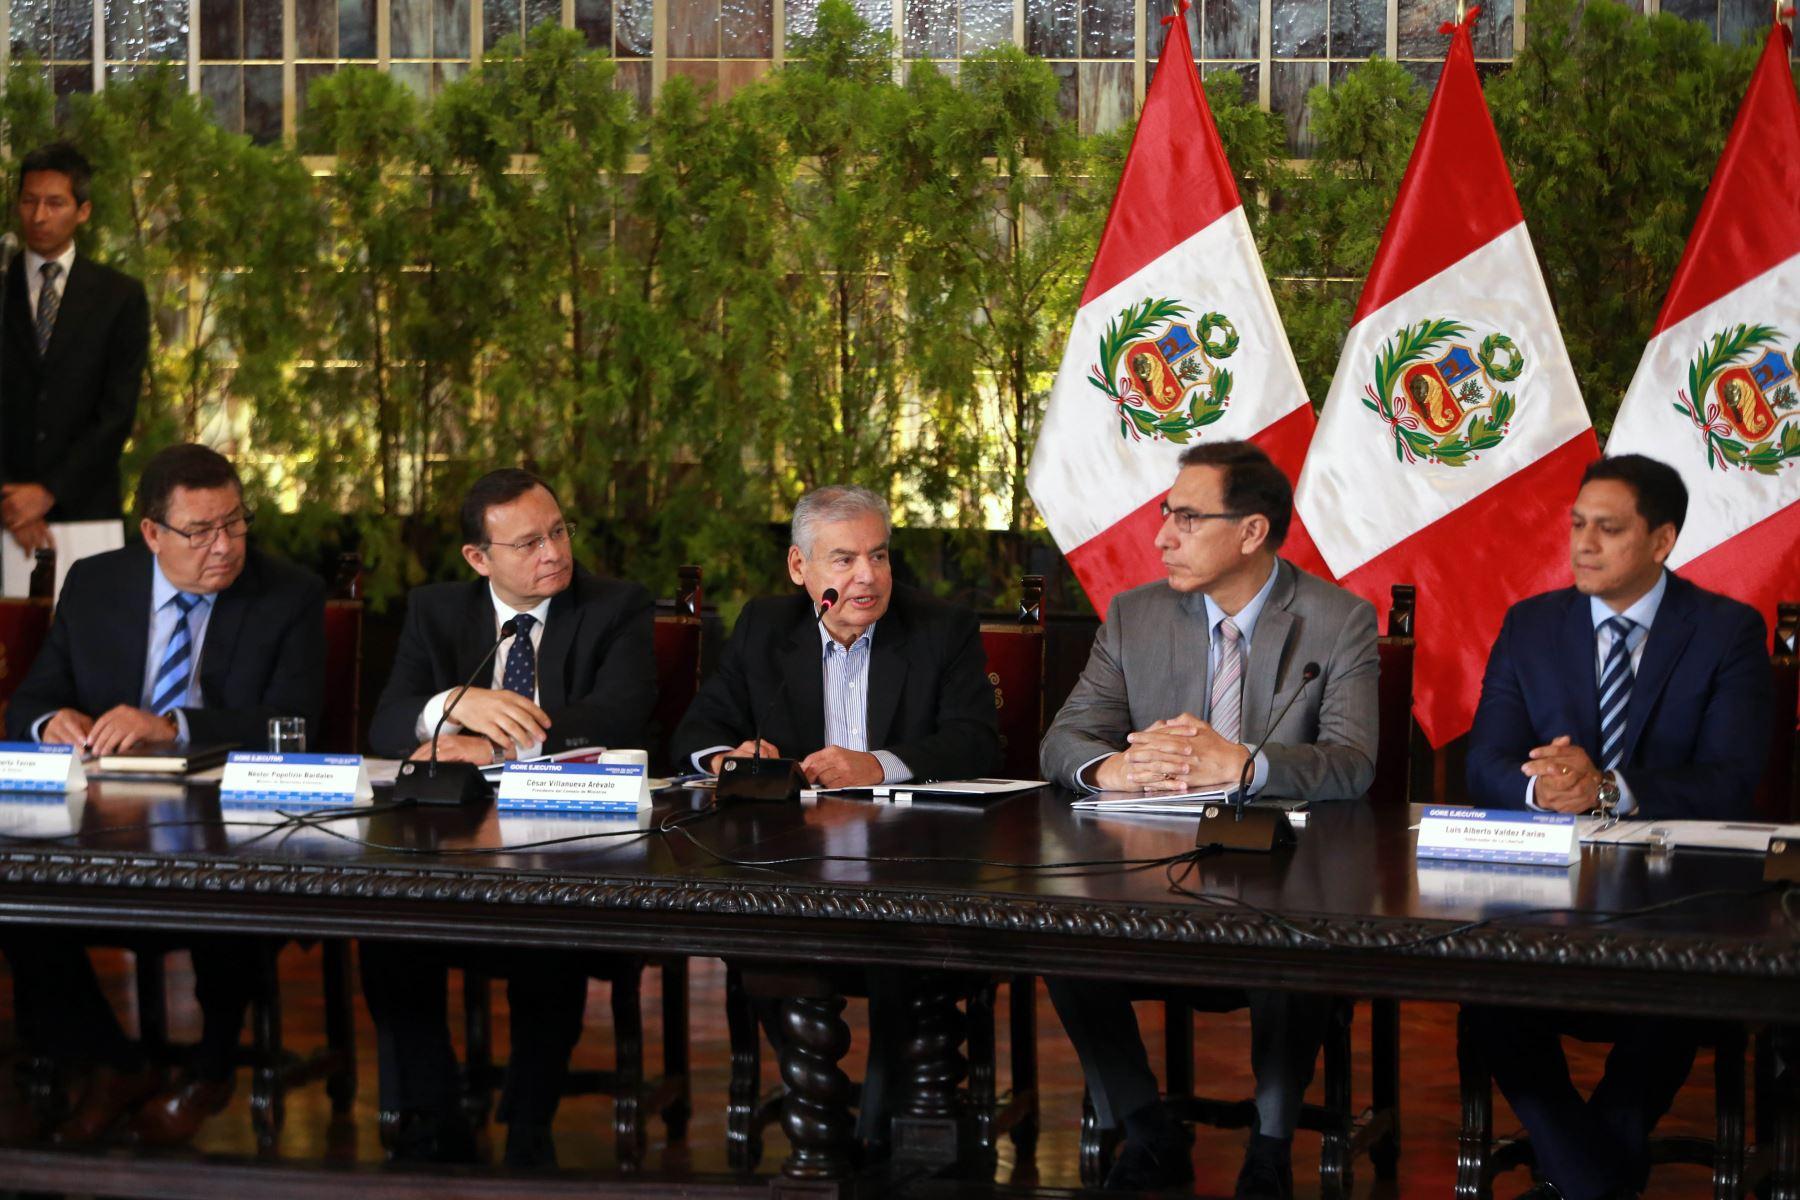 Se inició reunión del Gore extraordinario en Palacio de Gobierno. ANDINA/Vidal Tarqui